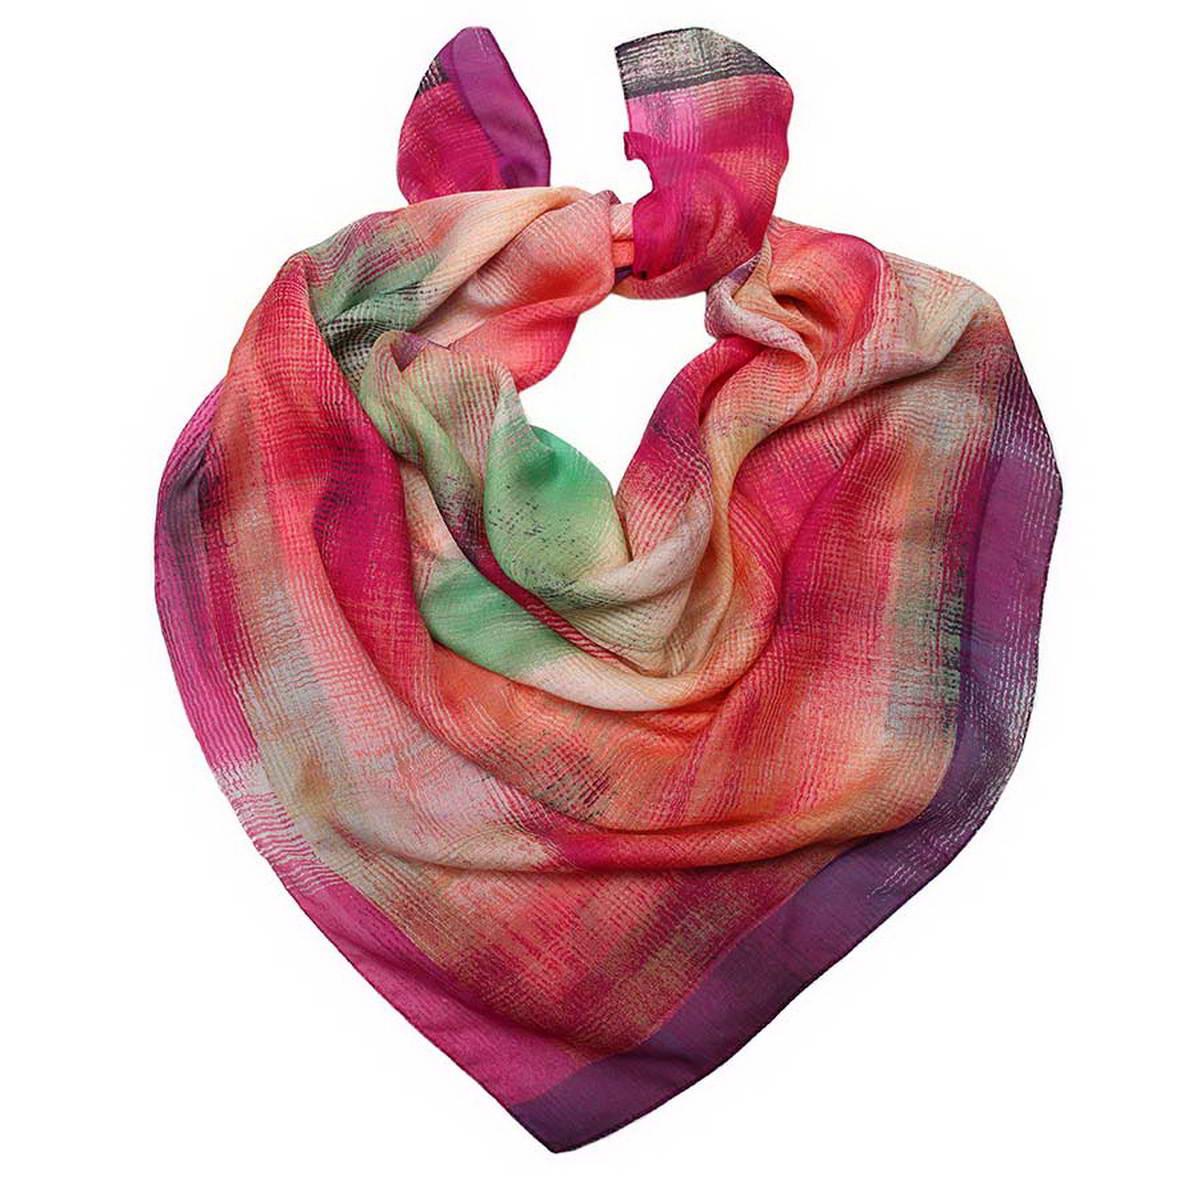 3002552-5Стильный женский платок Venera станет великолепным завершением любого наряда. Платок изготовлен из высококачественного 100% модала и оформлен оригинальными принтом с контрастными цветовыми переходами. Классическая квадратная форма позволяет носить платок на шее, украшать им прическу или декорировать сумочку. Легкий, мягкий и шелковистый платок поможет вам создать изысканный женственный образ, а также согреет в непогоду. Такой платок превосходно дополнит любой наряд и подчеркнет ваш неповторимый вкус и элегантность.